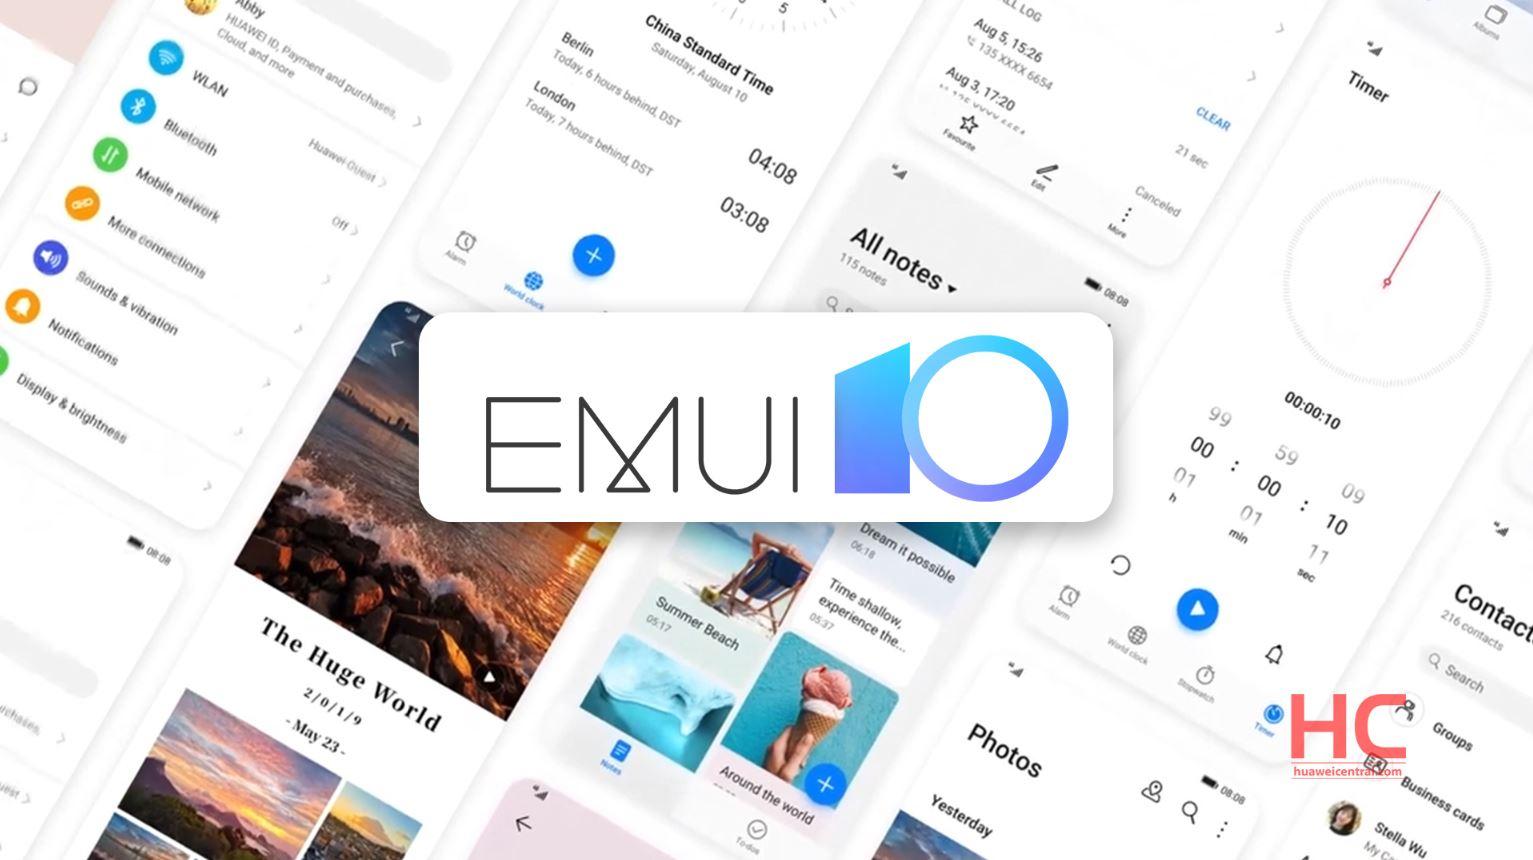 EMUI 10 aktualizacja Android 10 dla Huawei Nova 3 3i Honor Play